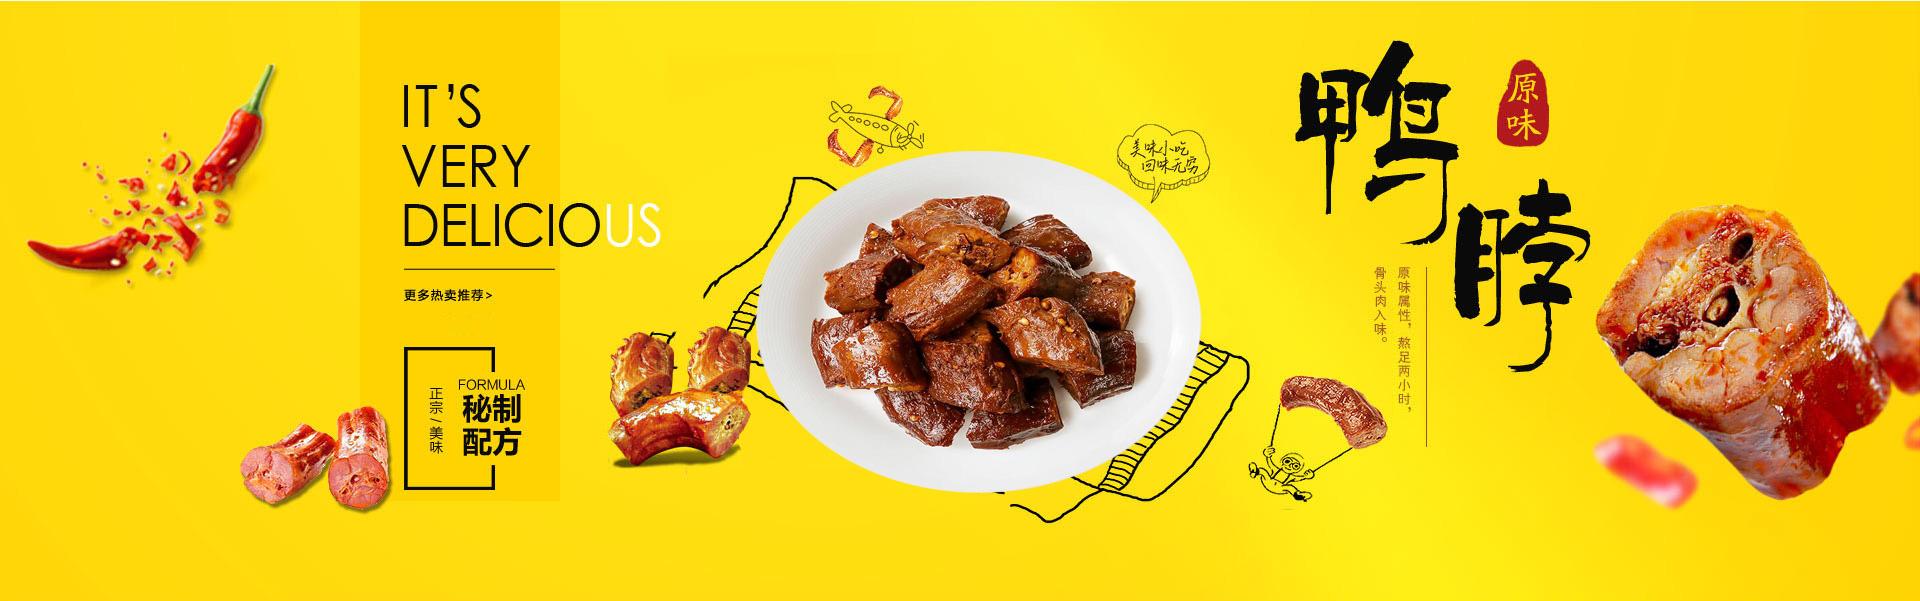 周黑鸭培训 周黑鸭全国加盟 特色食品店加盟 美味食品加盟价格 绝味美食加盟 熟食烧鸡加盟